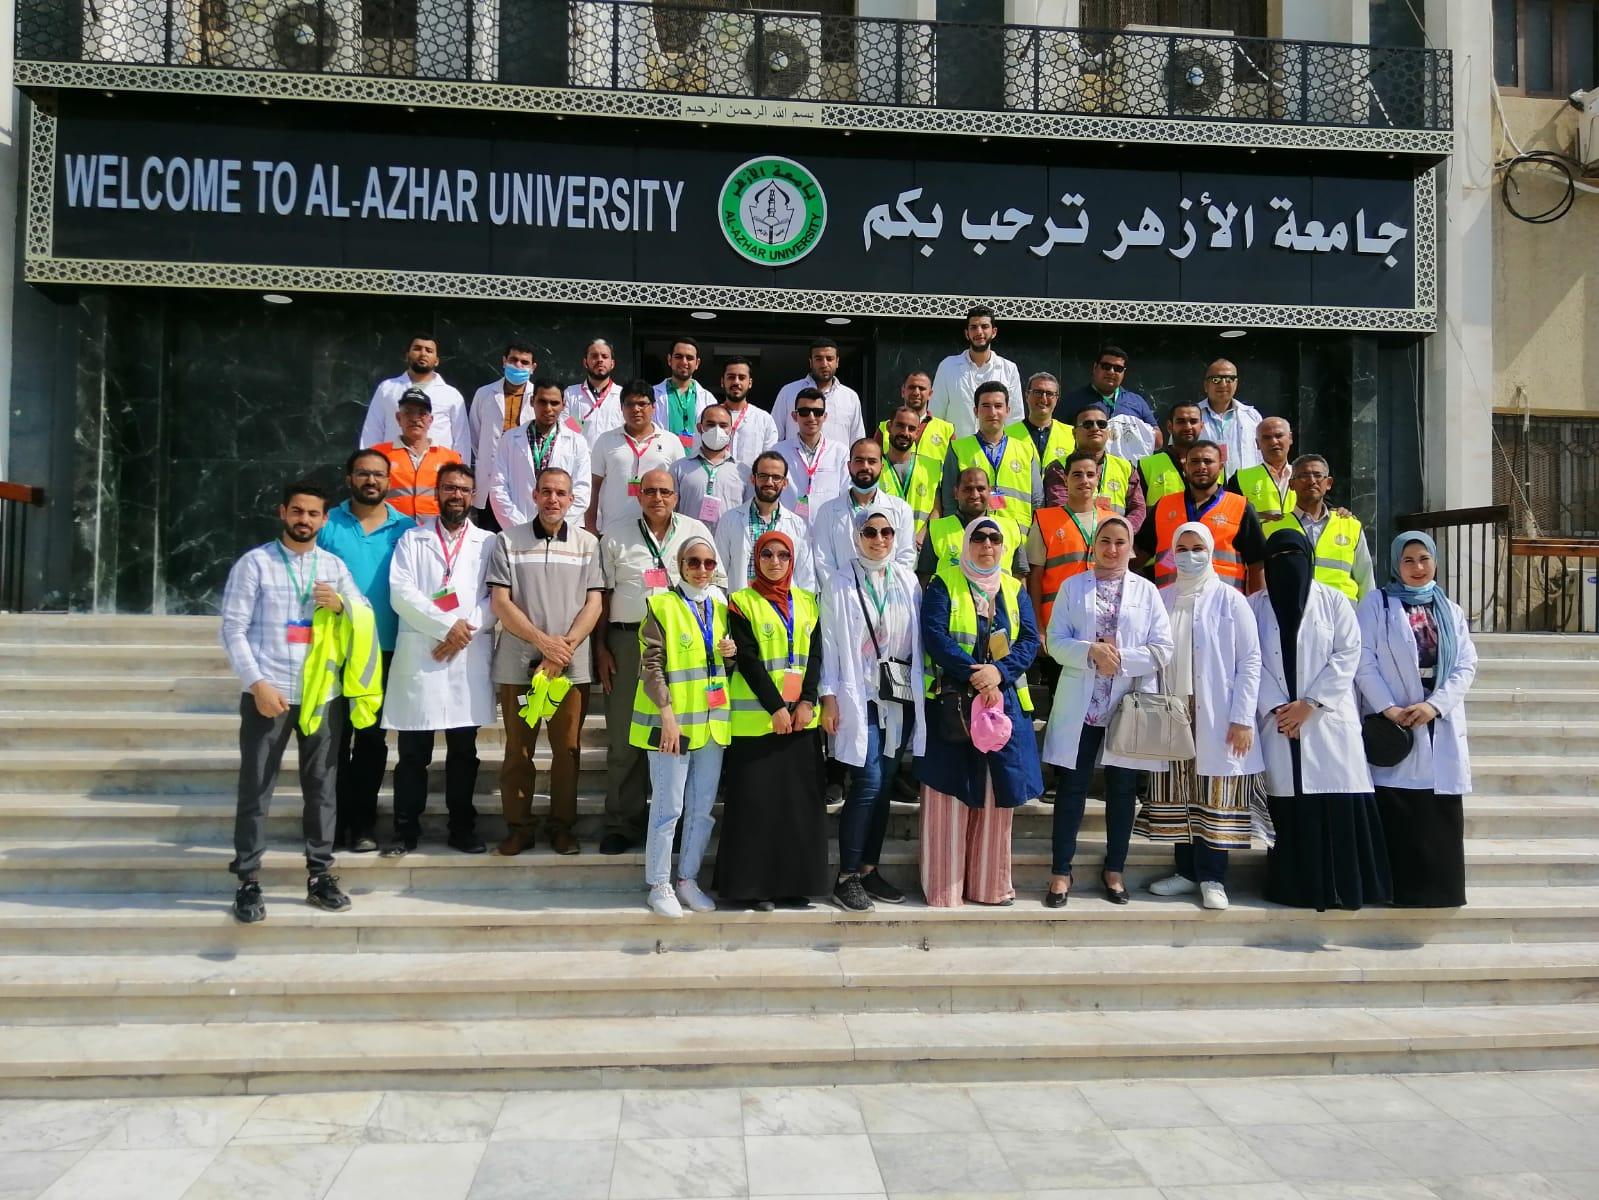 """انطلاق قافلة جامعة الأزهر التنموية لمحافظة الفيوم دعمًا للمبادرة الرئاسية: """"حياة كريمة"""""""